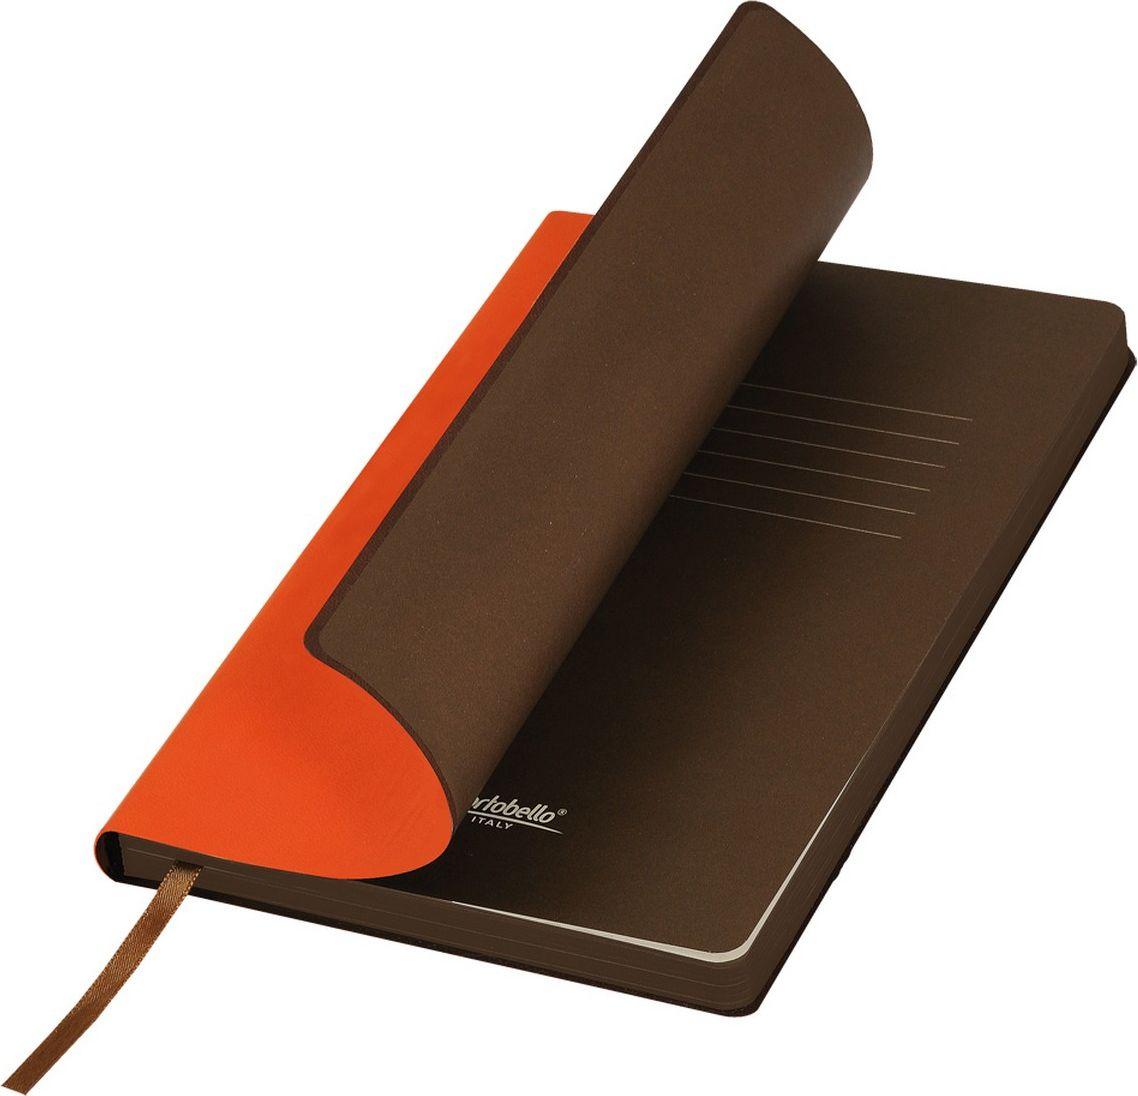 Portobello Trend Ежедневник недатированный Latte 128 листов цвет оранжевый коричневыйLXX1501254-070/1Мягкая матовая обложка выполнена из бархатистой искусственной кожи. Цвет – однородный, глубокий, слегка припудренный. На ощупь – теплая, слегка прорезиненная. Яркая находка – контрастное сочетание обложки и среза. Цвет форзаца и цвет среза – совпадают. Есть ляссе.